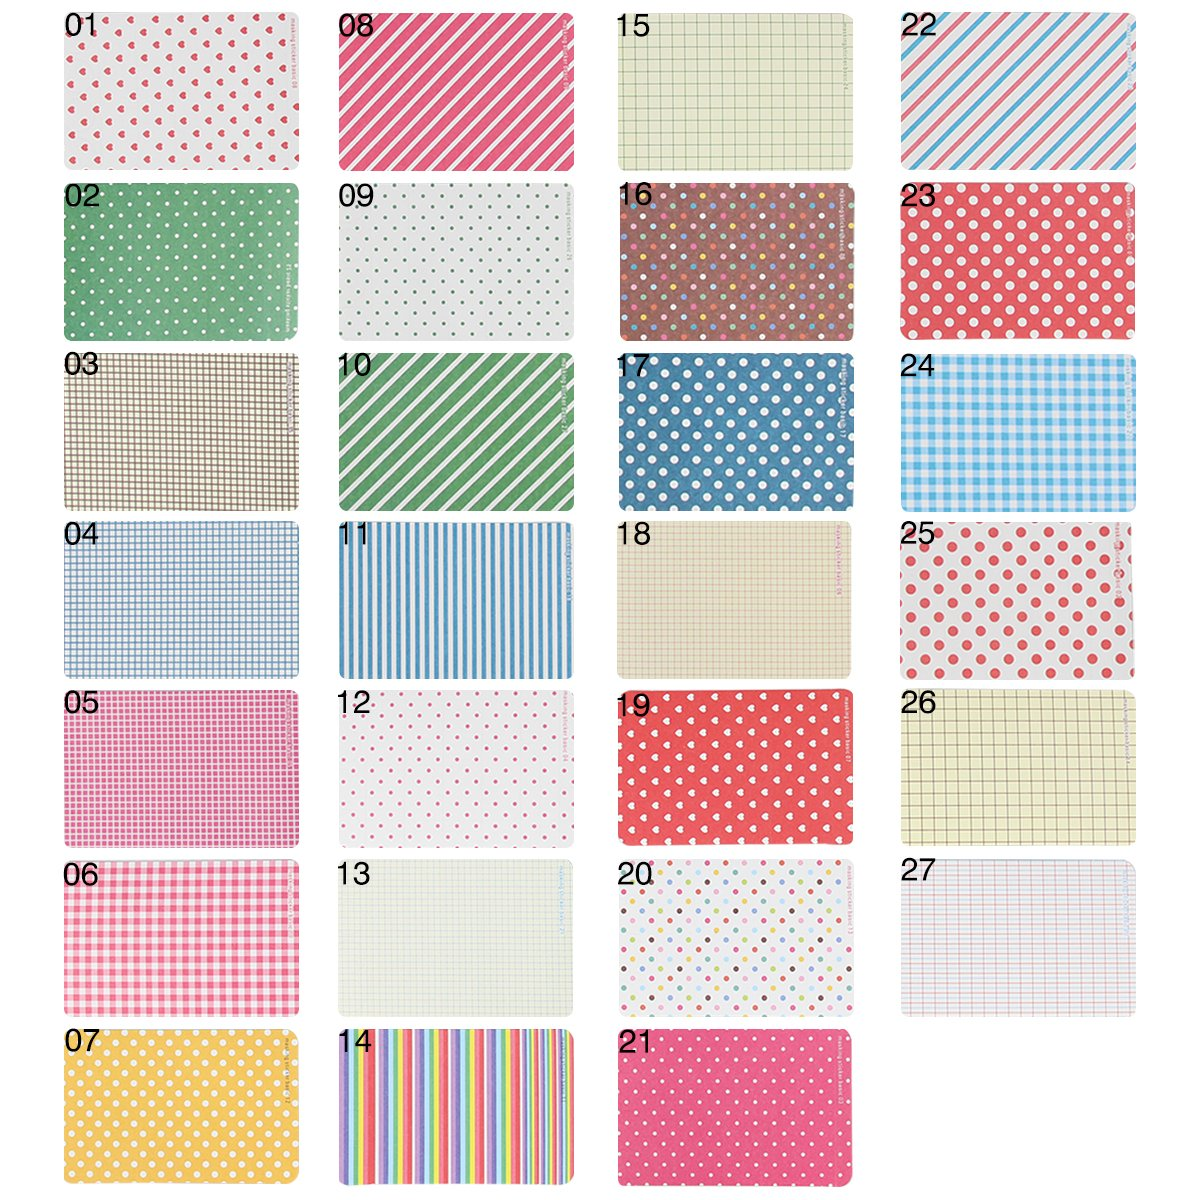 La Decoración de la Pegatina del Papel Colorido con Adhesiva Cinta Estampada y Las Etiquetas Adhesivas Pegatina Papel con 54 Hojas